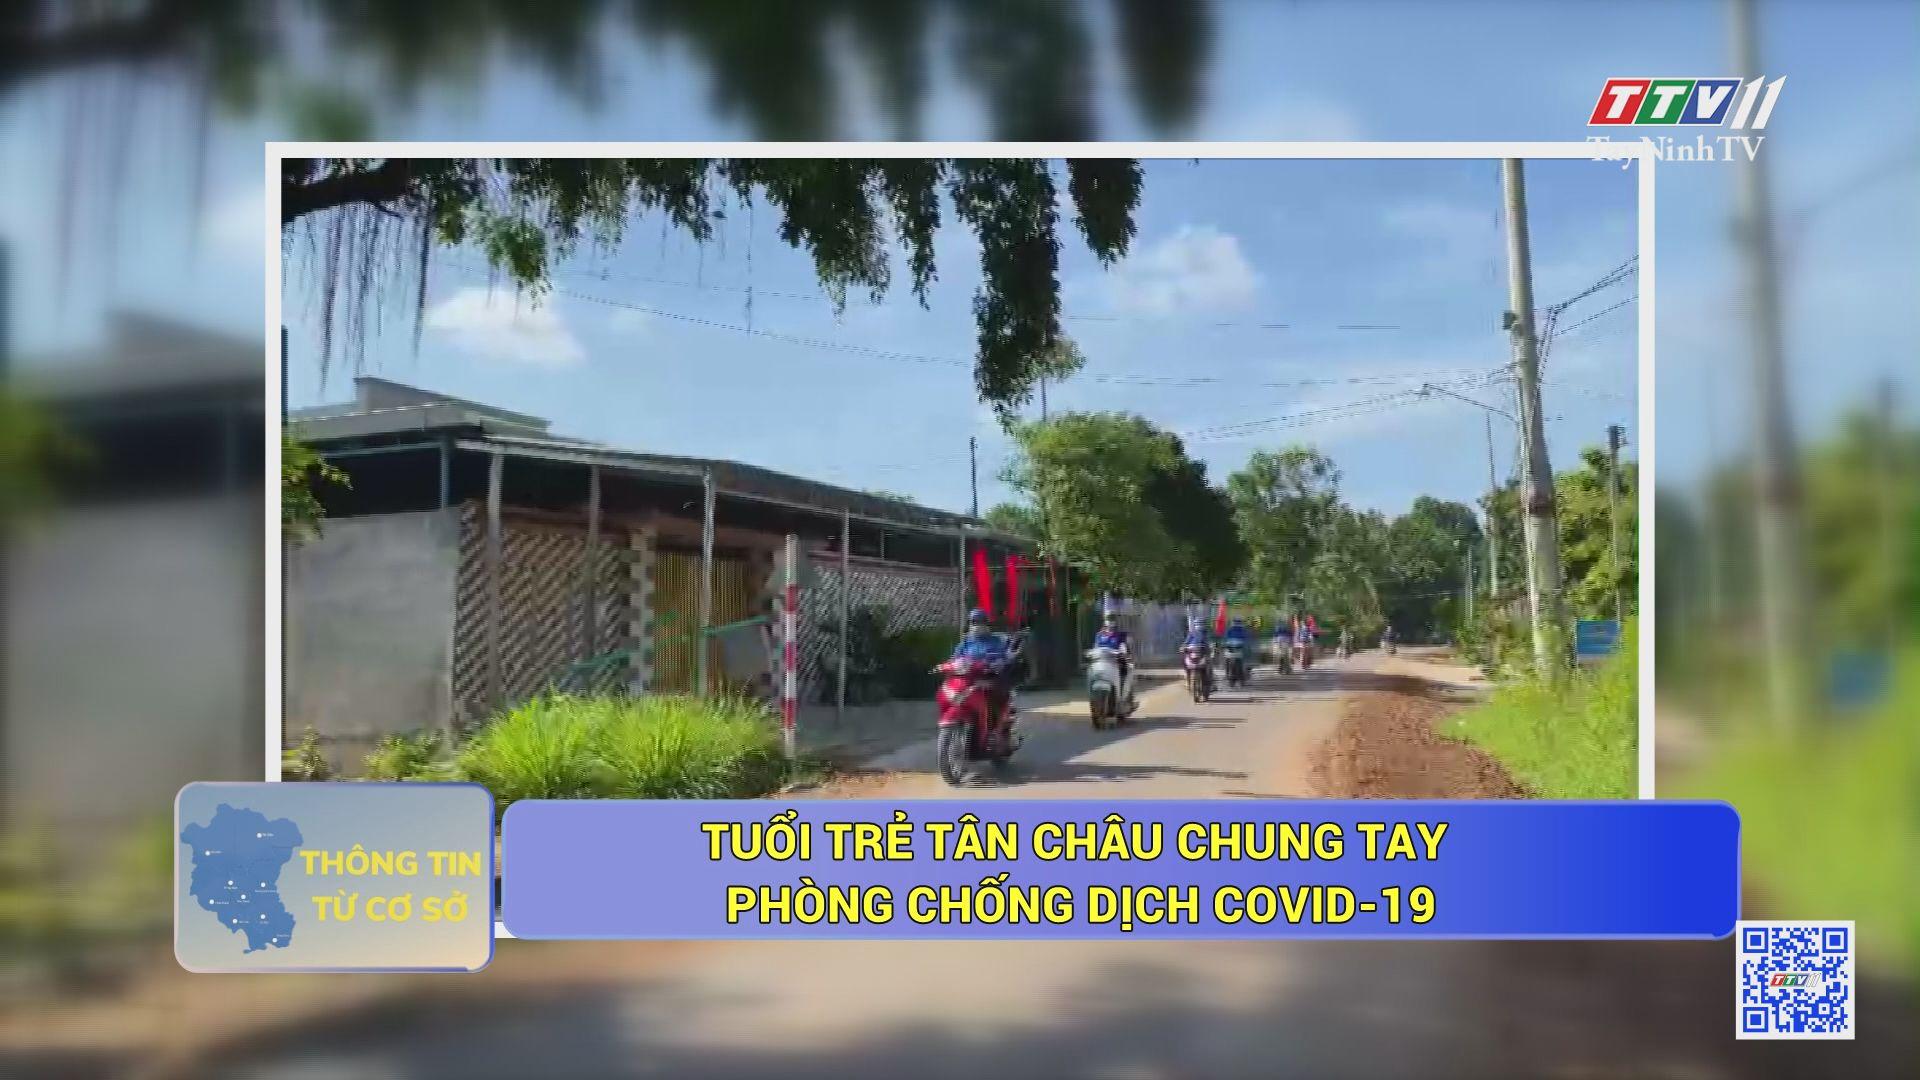 Tuổi trẻ Tân Châu chung tay phòng chống dịch Covid-19 | THÔNG TIN TỪ CƠ SỞ | TayNinhTV